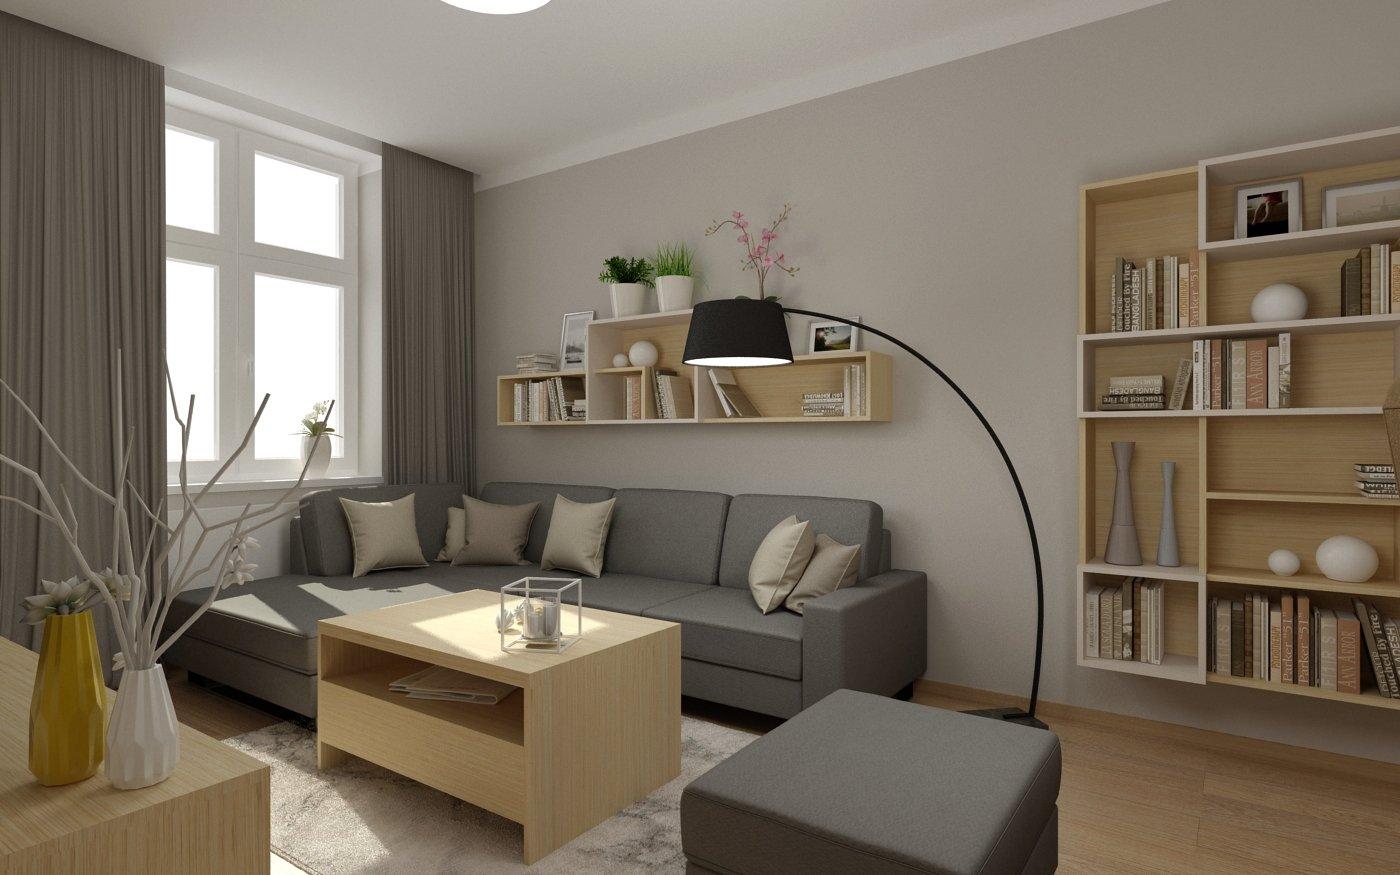 Obývací pokoj je nejdůležitější část domu